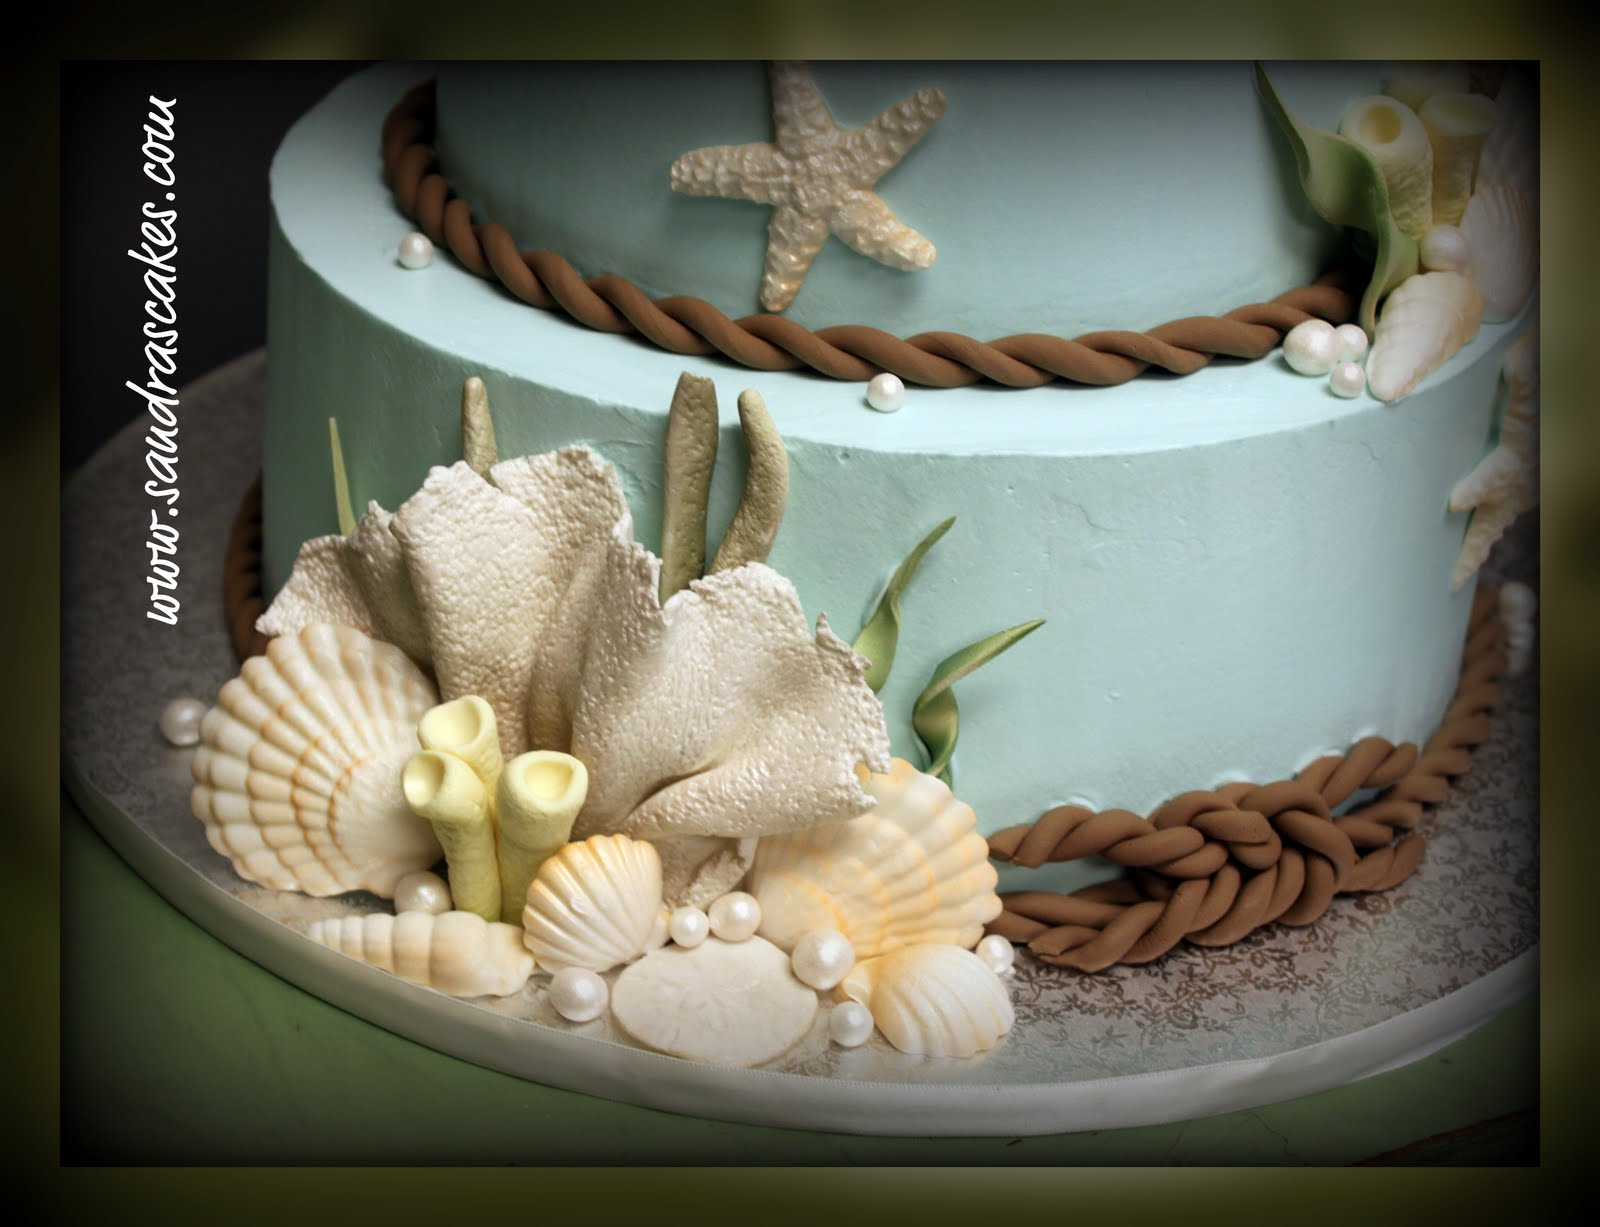 Beach Themes Wedding: Beach Themed Wedding Cakes